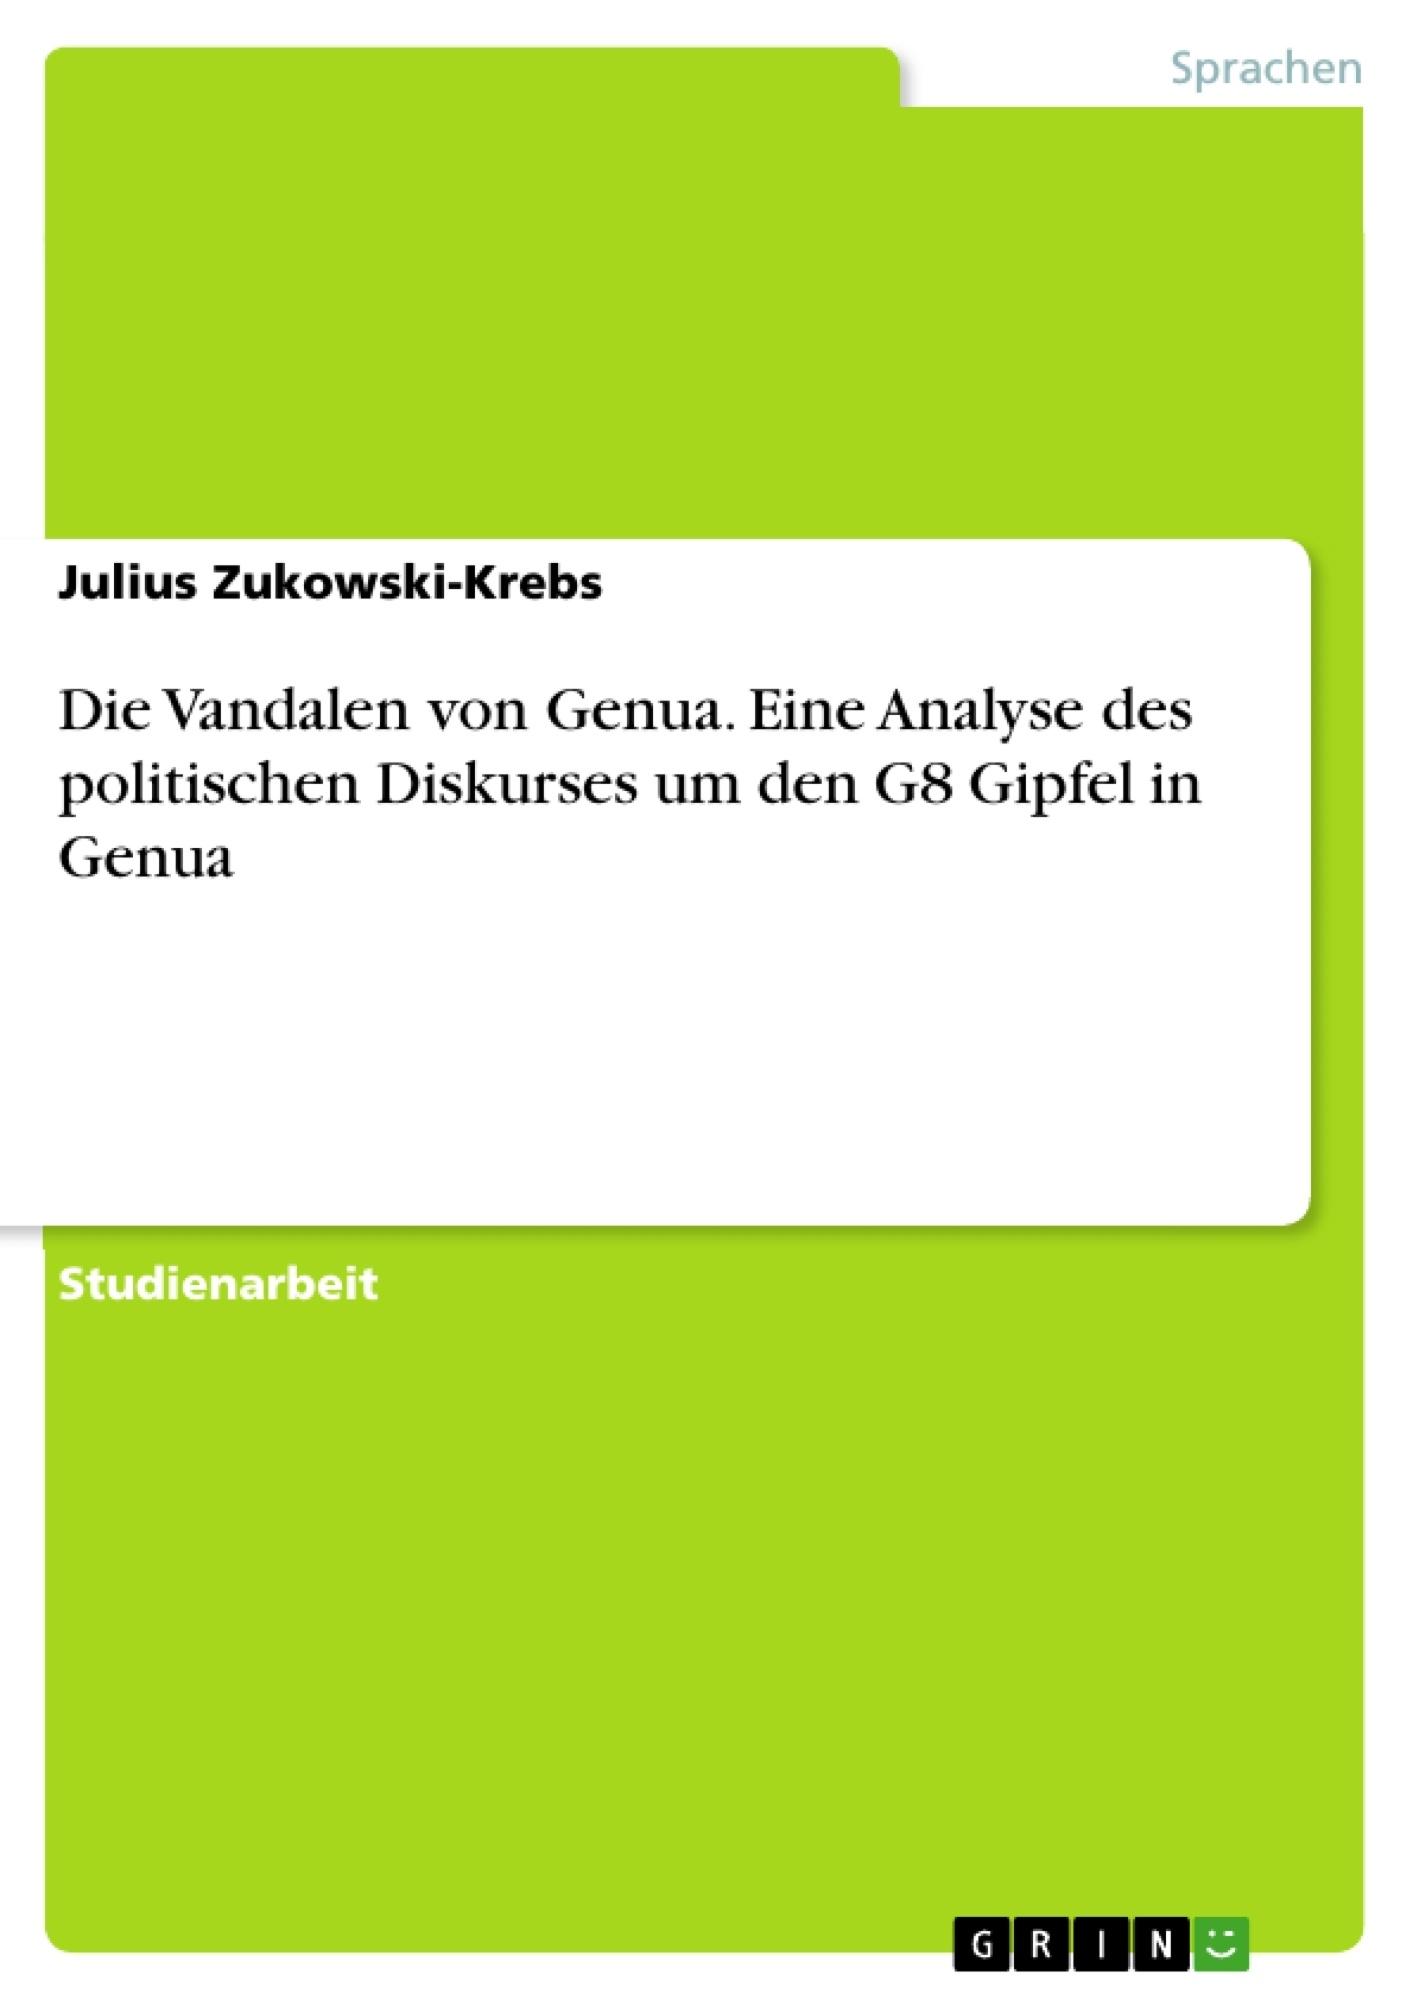 Titel: Die Vandalen von Genua. Eine Analyse des politischen Diskurses um den G8 Gipfel in Genua